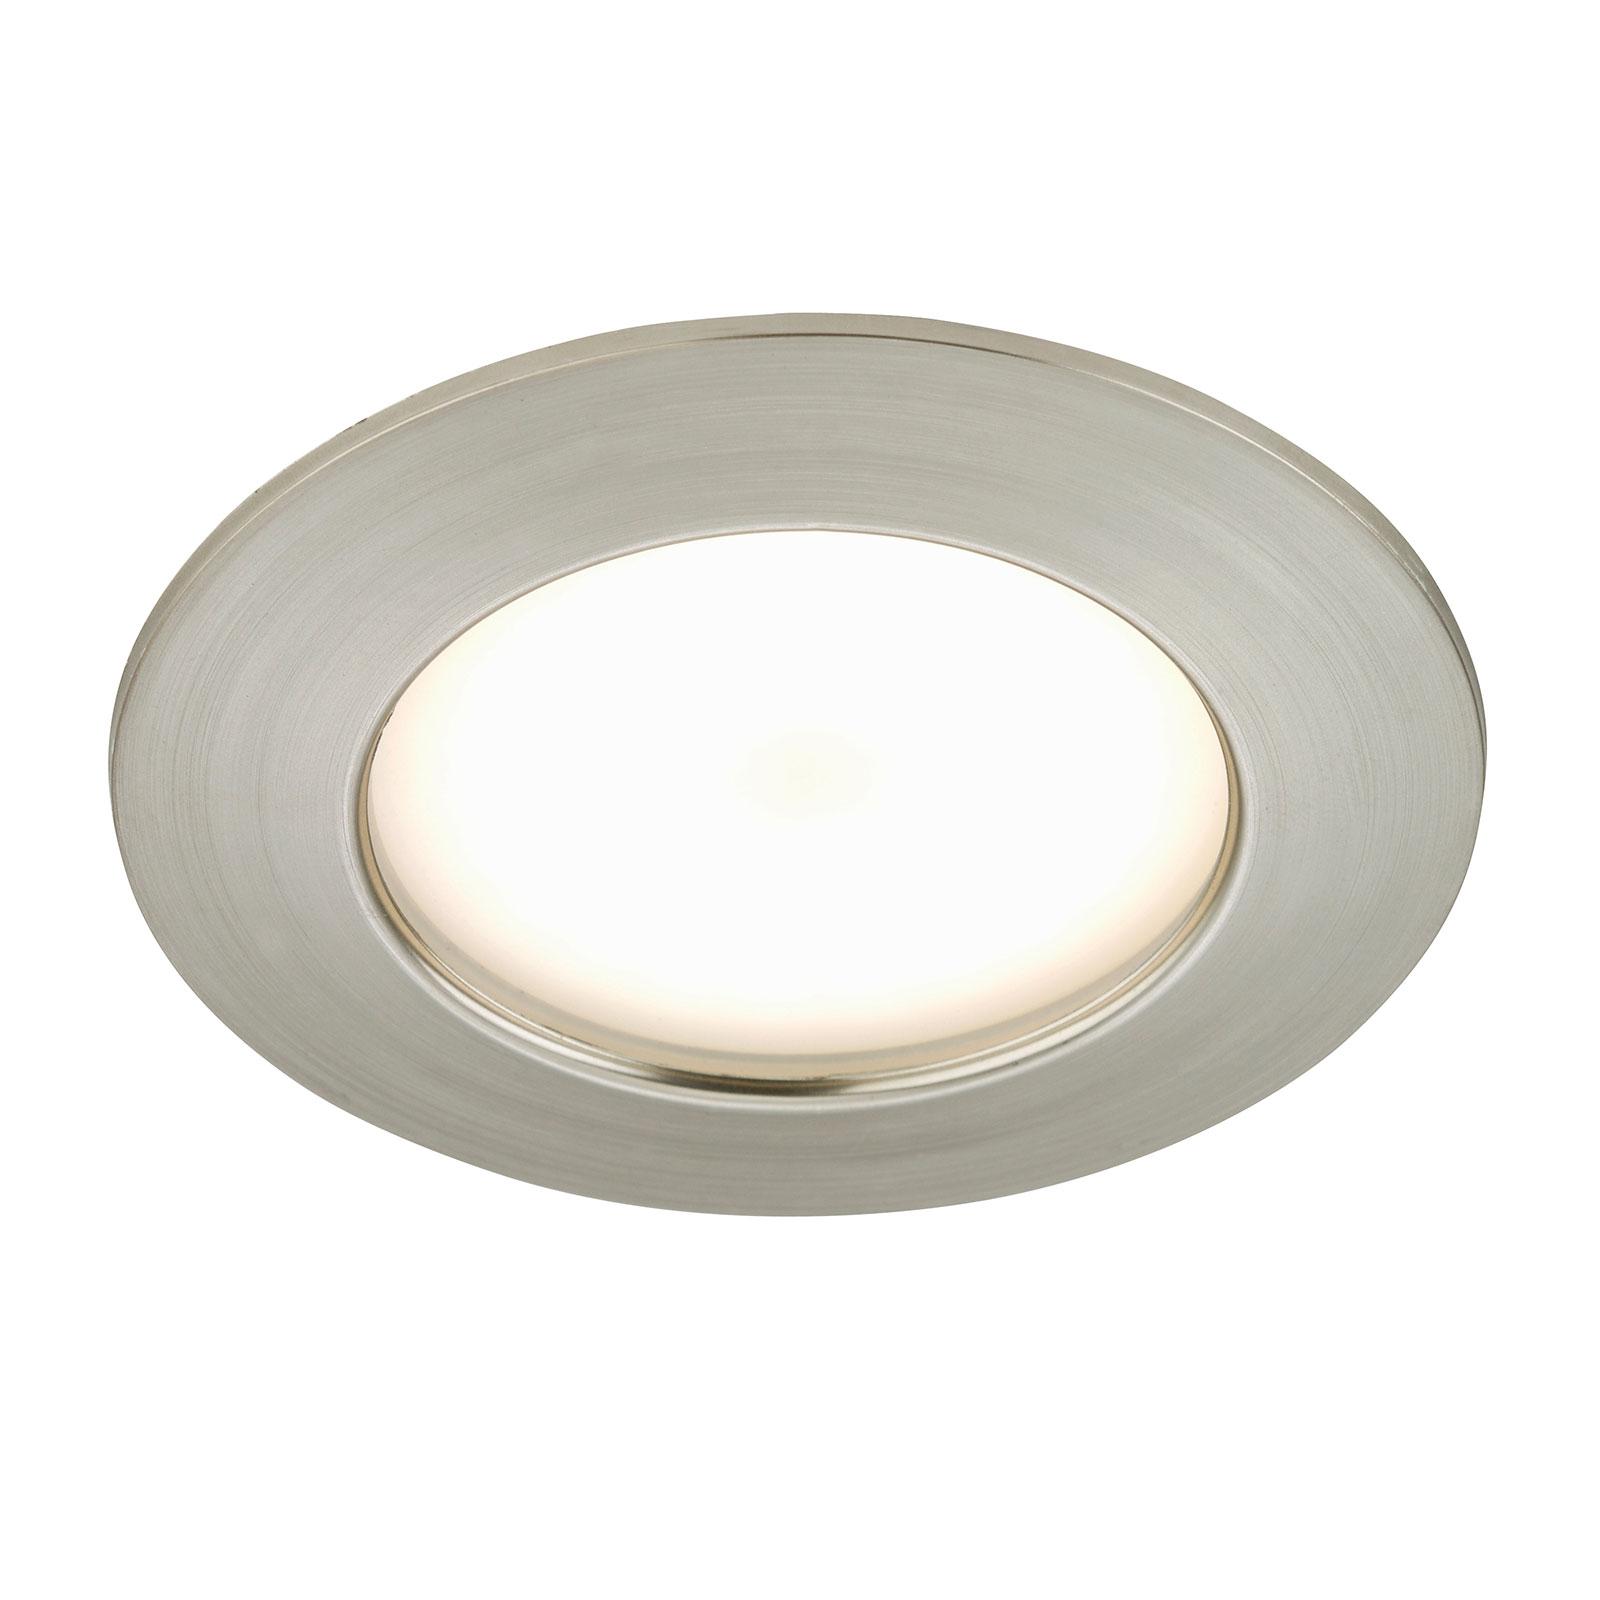 Carl - LED indbygningslampe, udendørs, mat nikkel